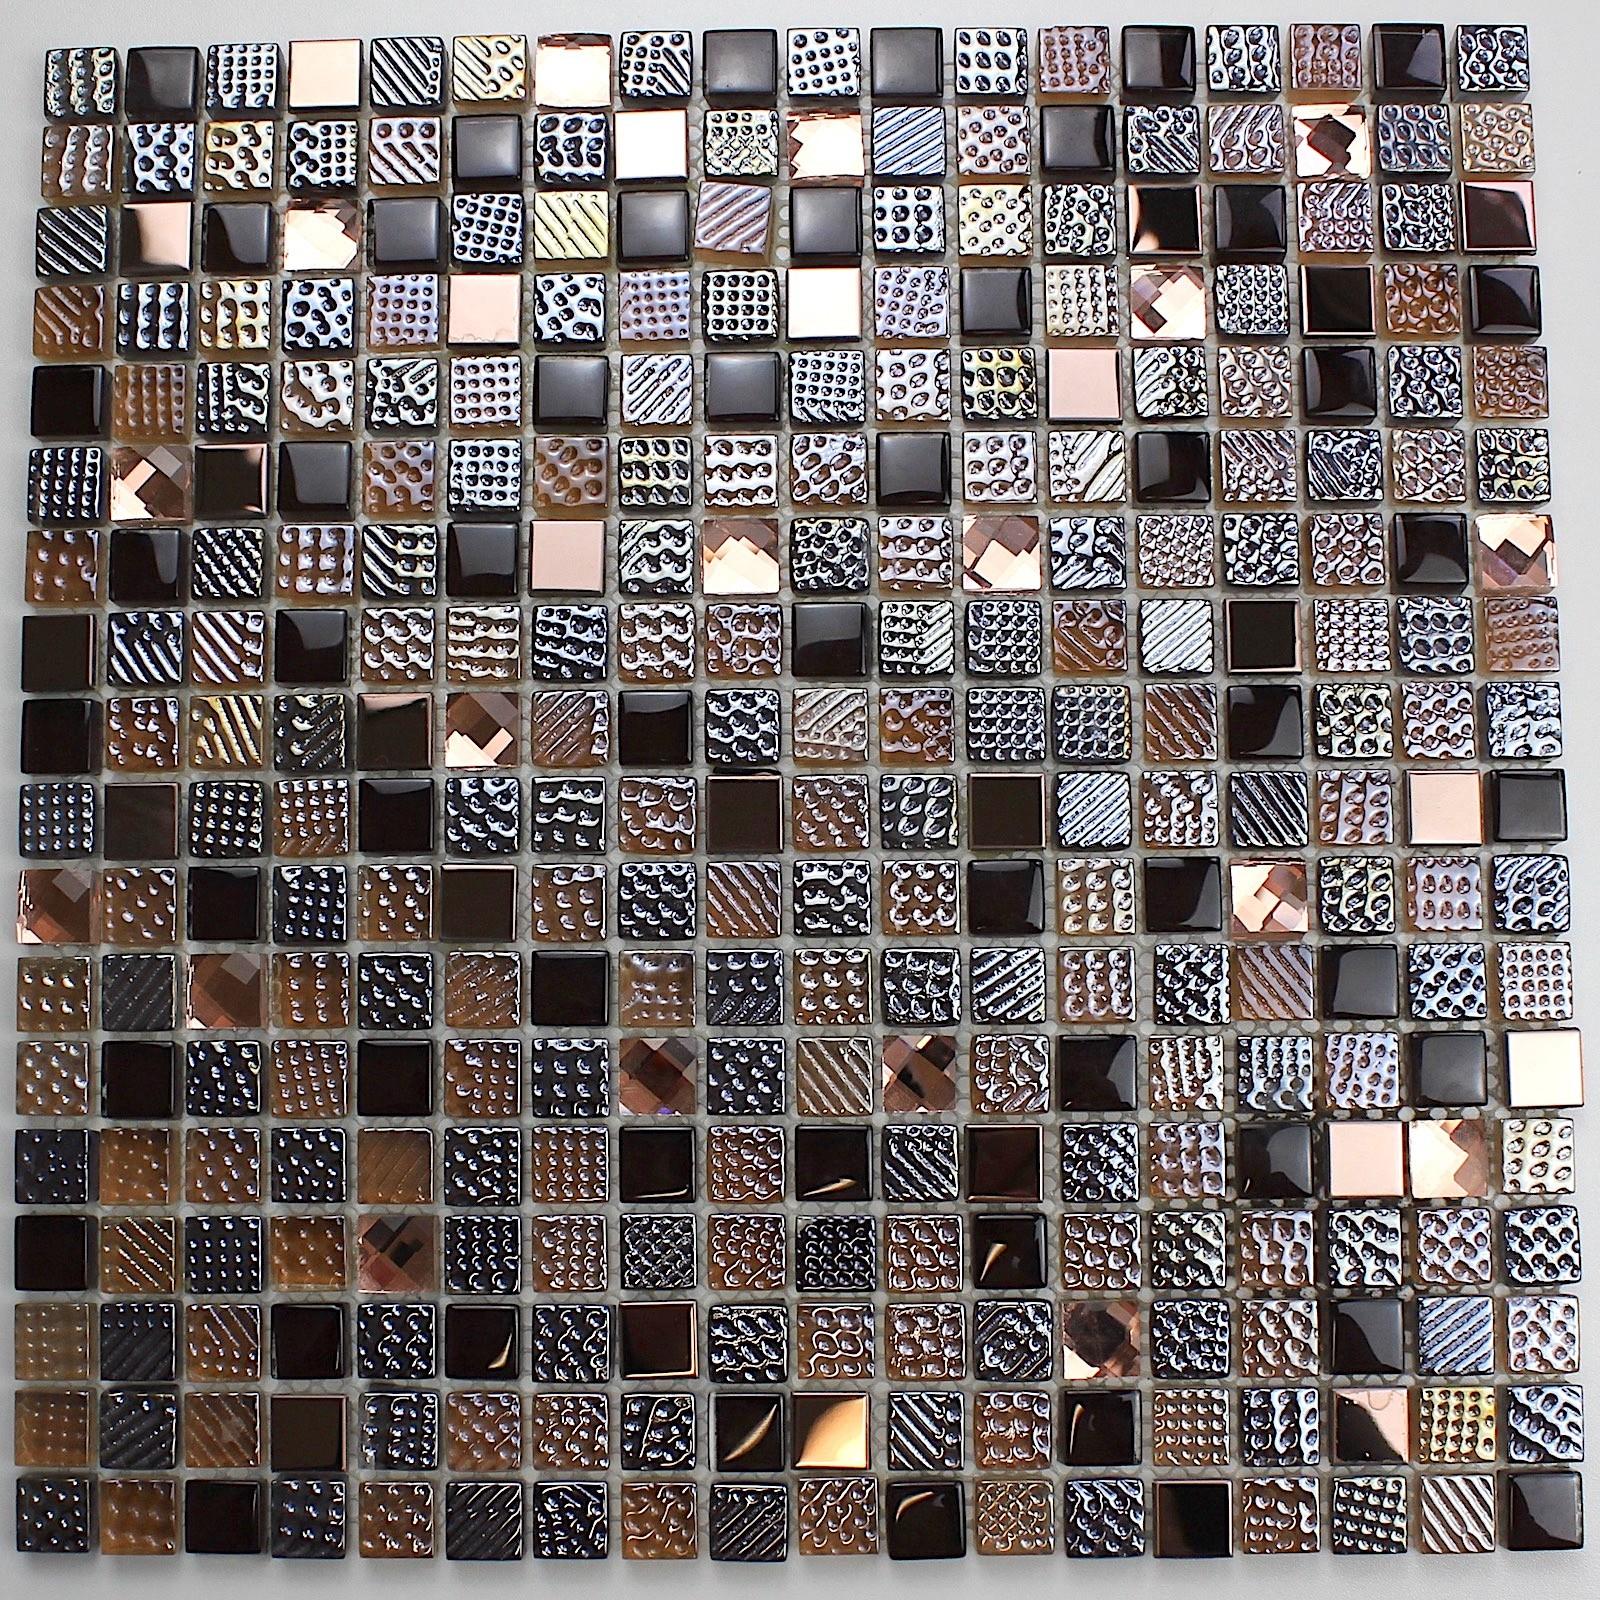 Mosaique Pour Credence Cuisine mosaique de verre pour sol et mur mv-inesse - carrelage-inox.fr